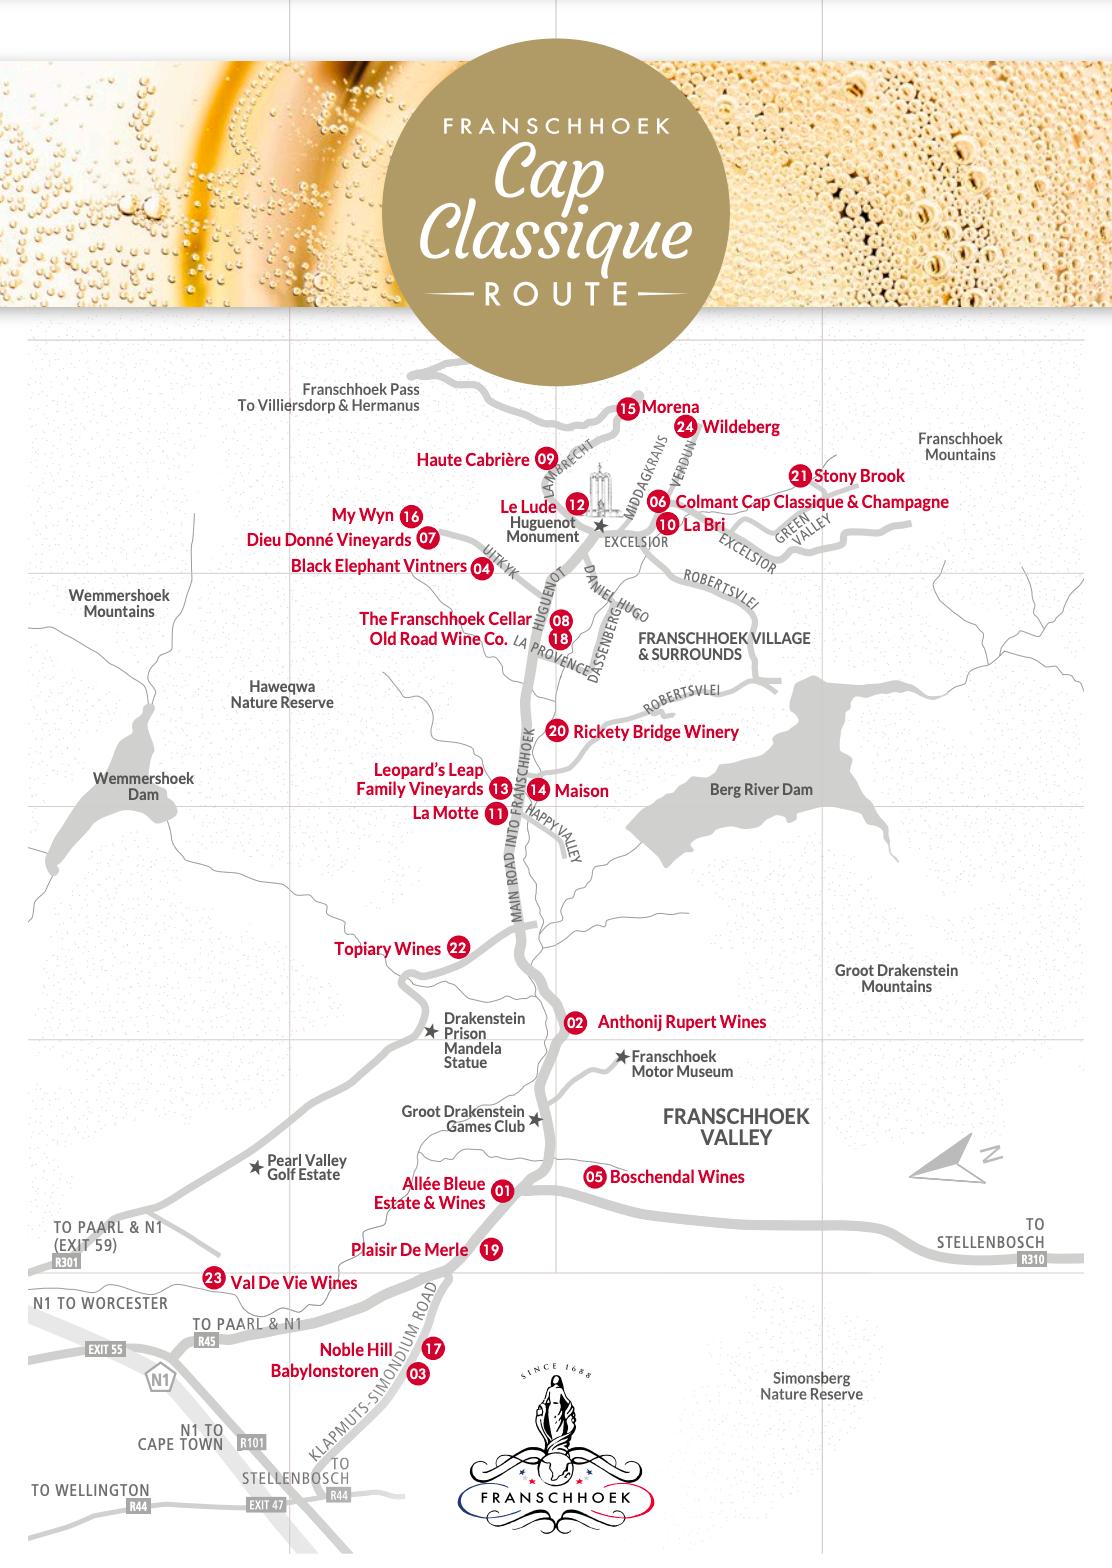 Franschhoek Cap Classique Route Map